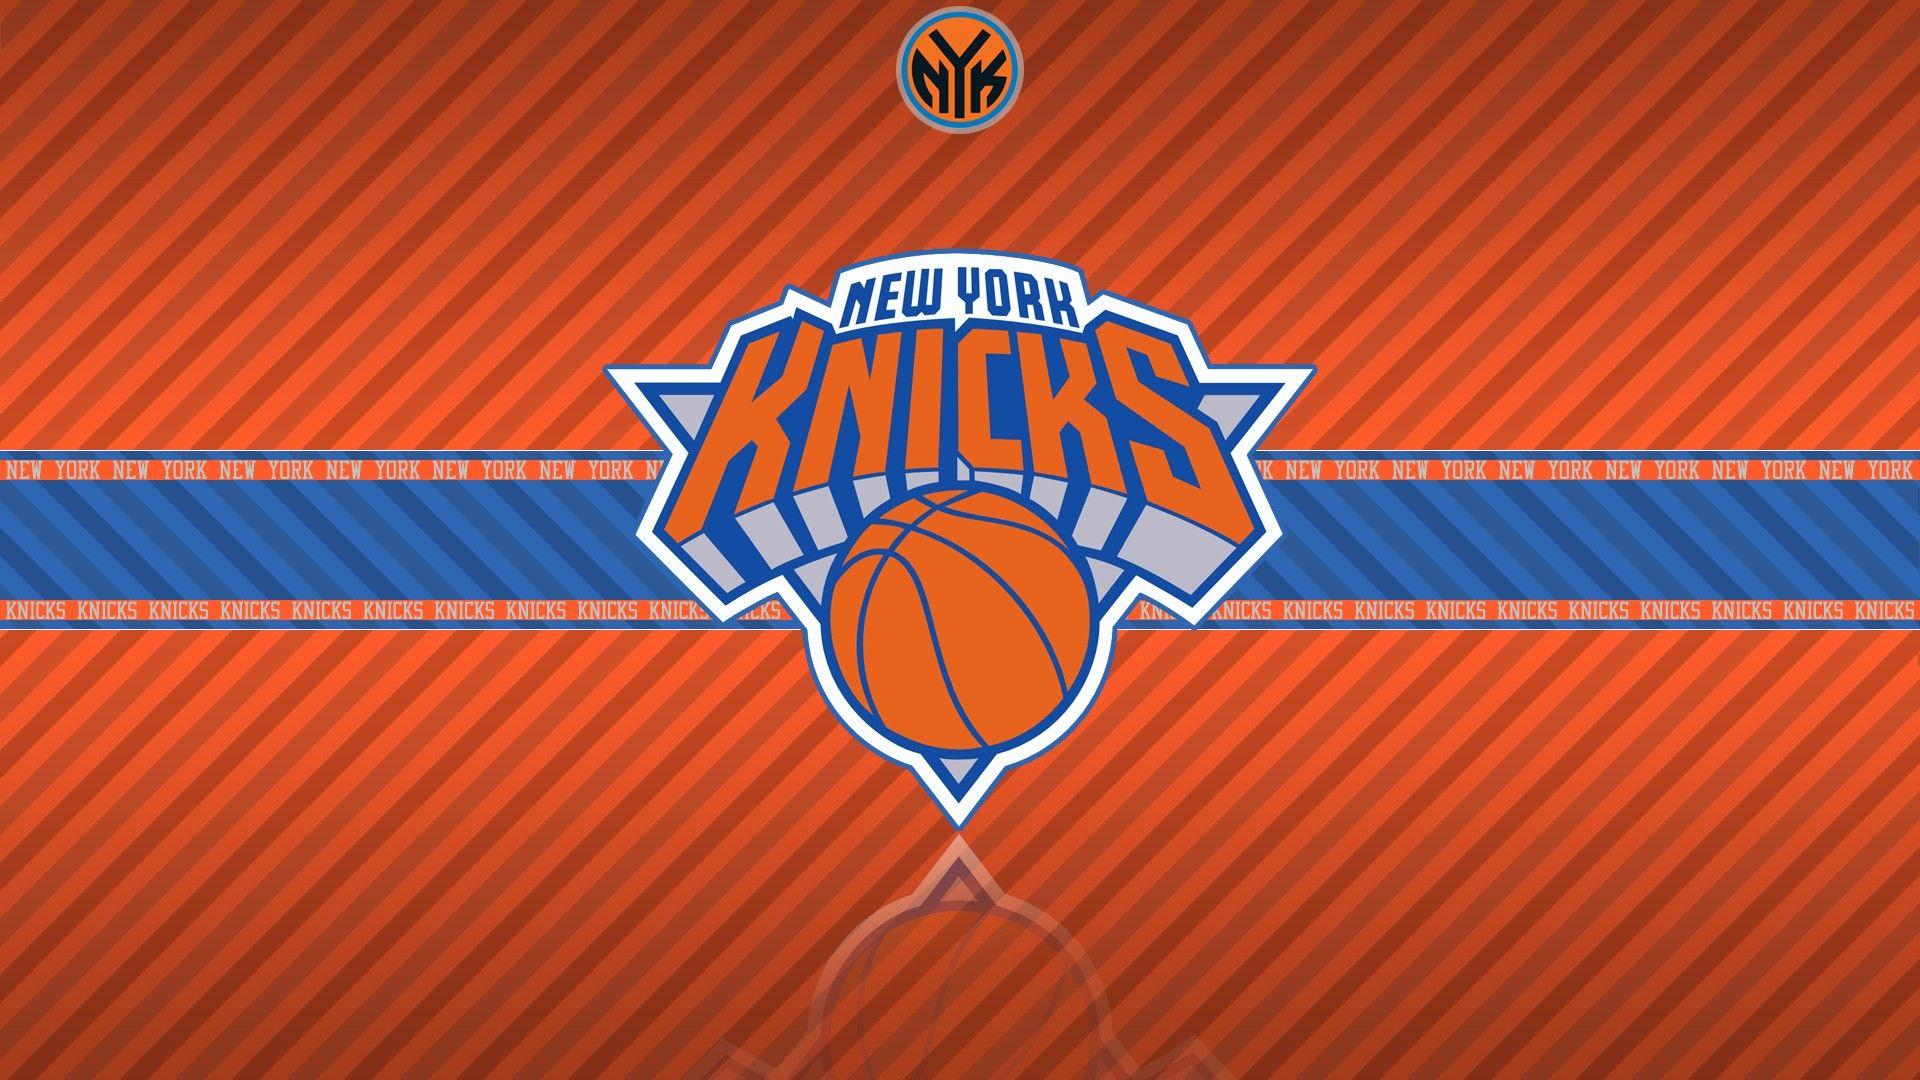 New York Knicks Custom Nba Flag Banner 3x5 Ft 90x150cm Free Logo Design In 2020 New York Knicks New York Knicks Logo Knicks